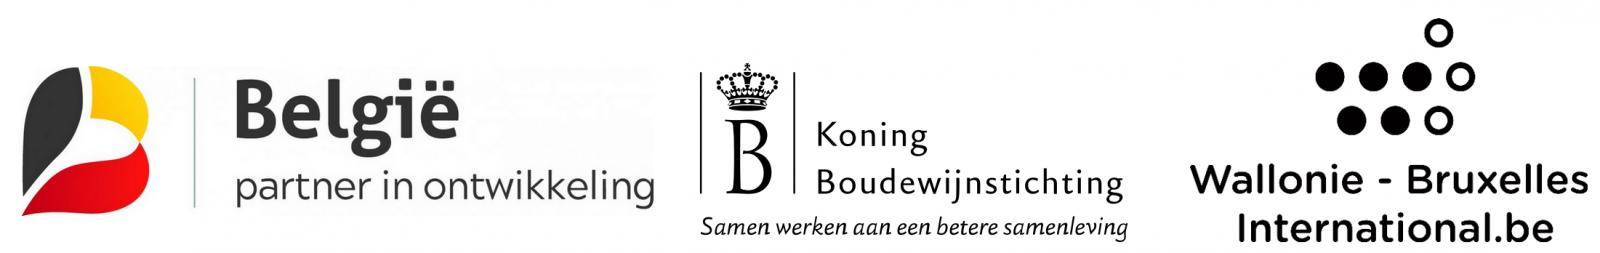 Met de steun van de Belgische Ontwikkelingssamenwerking, de Koning Boudewijnstichting en Wallonie-Bruxelles International (WBI).